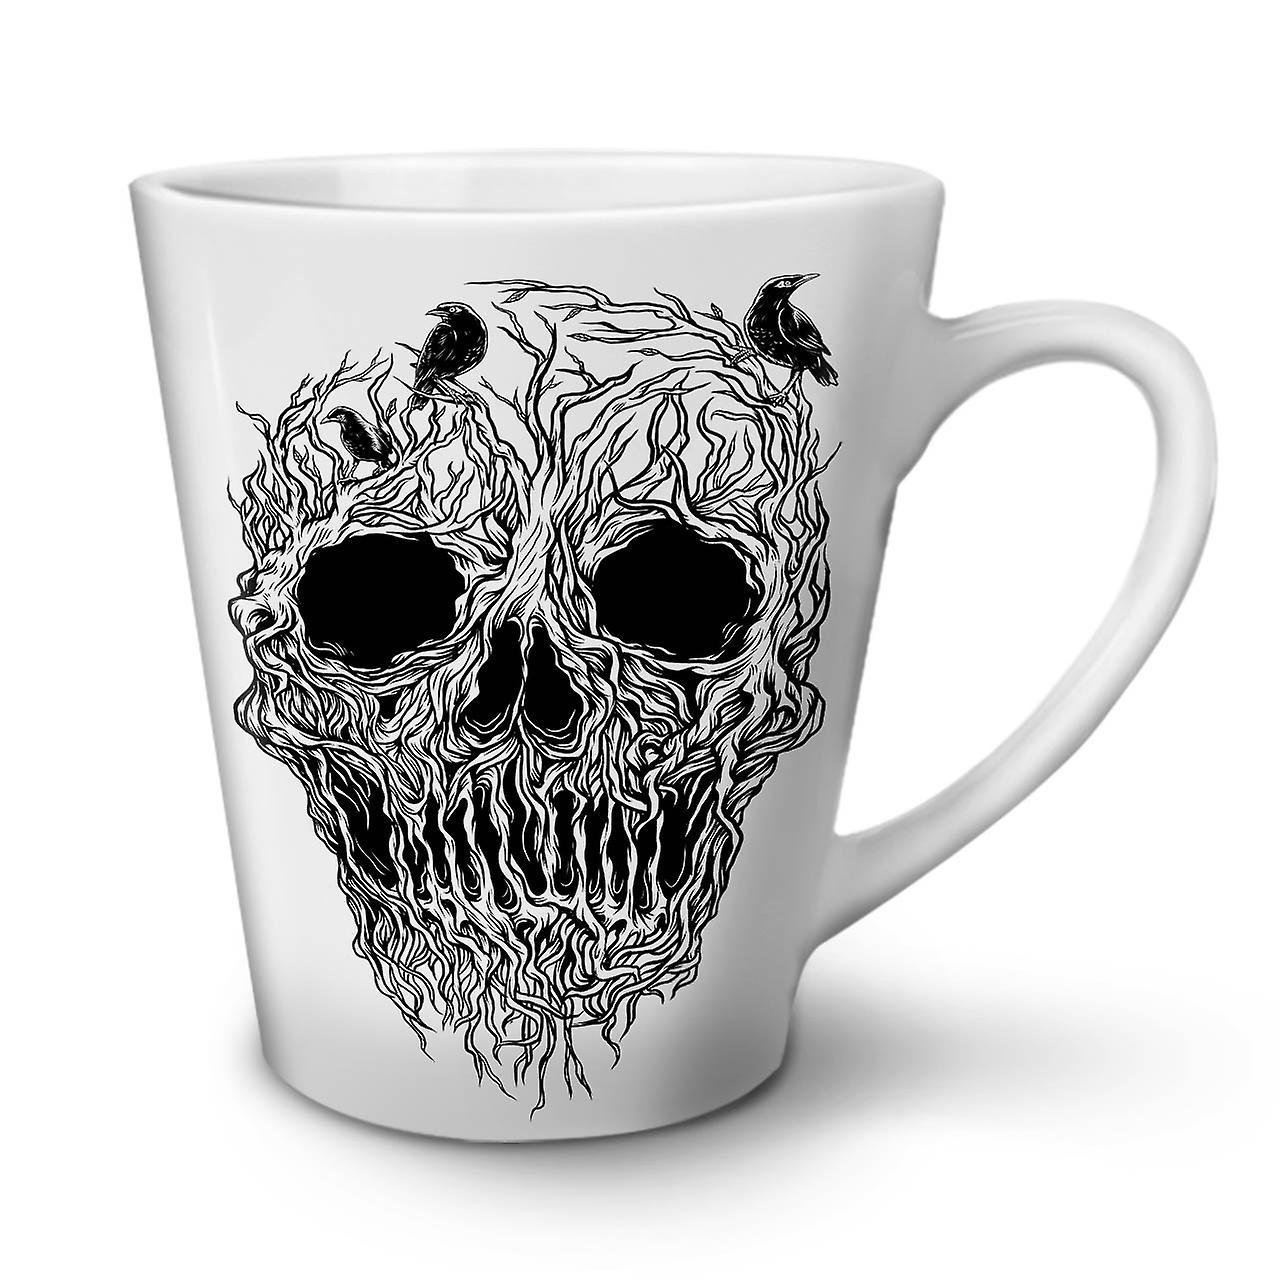 Céramique Blanche 12 Arbre De Horreur OzWellcoda Nouvelle Crâne Latte En Tasse Café 8vNwmOn0